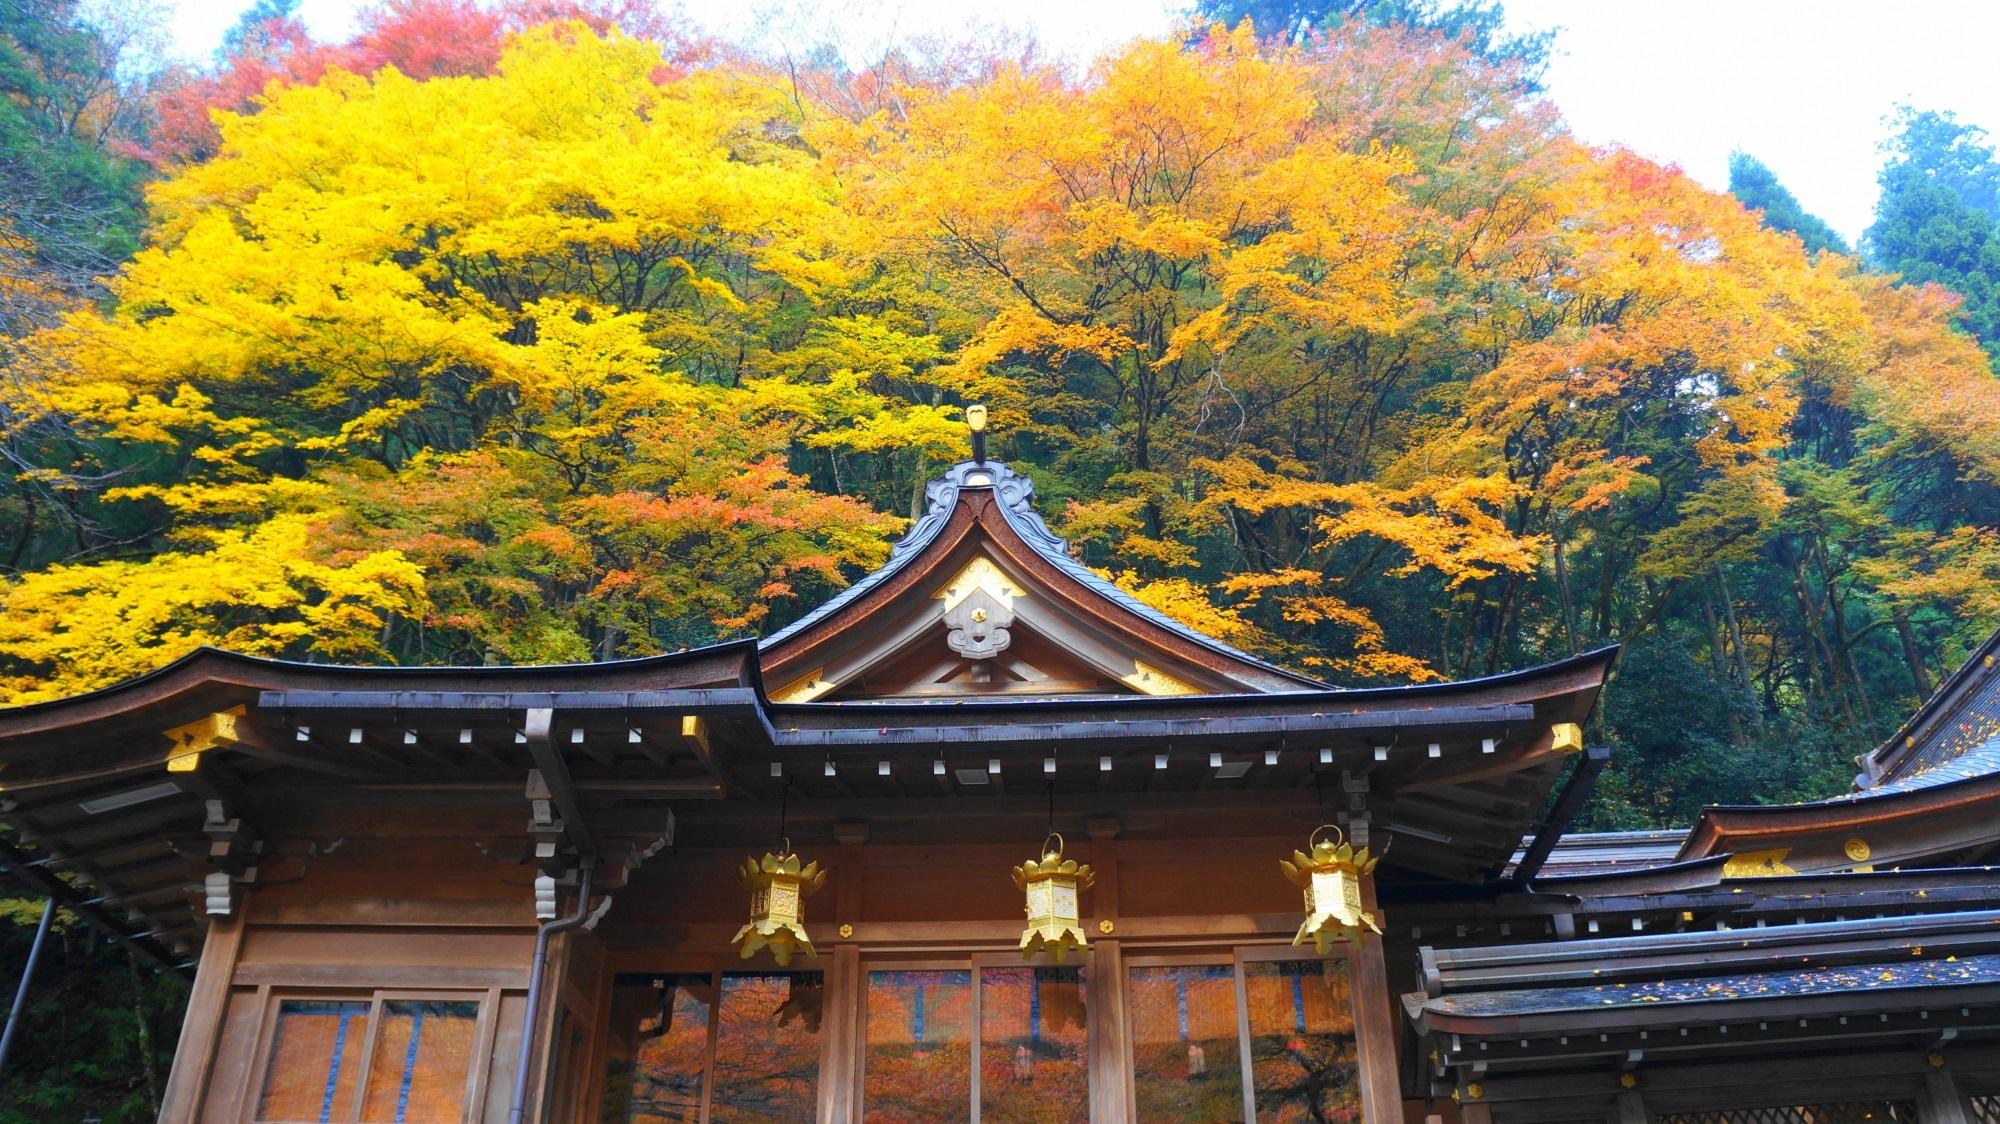 貴船神社 紅葉 鮮やかな秋の彩りと貴船川のもみじ